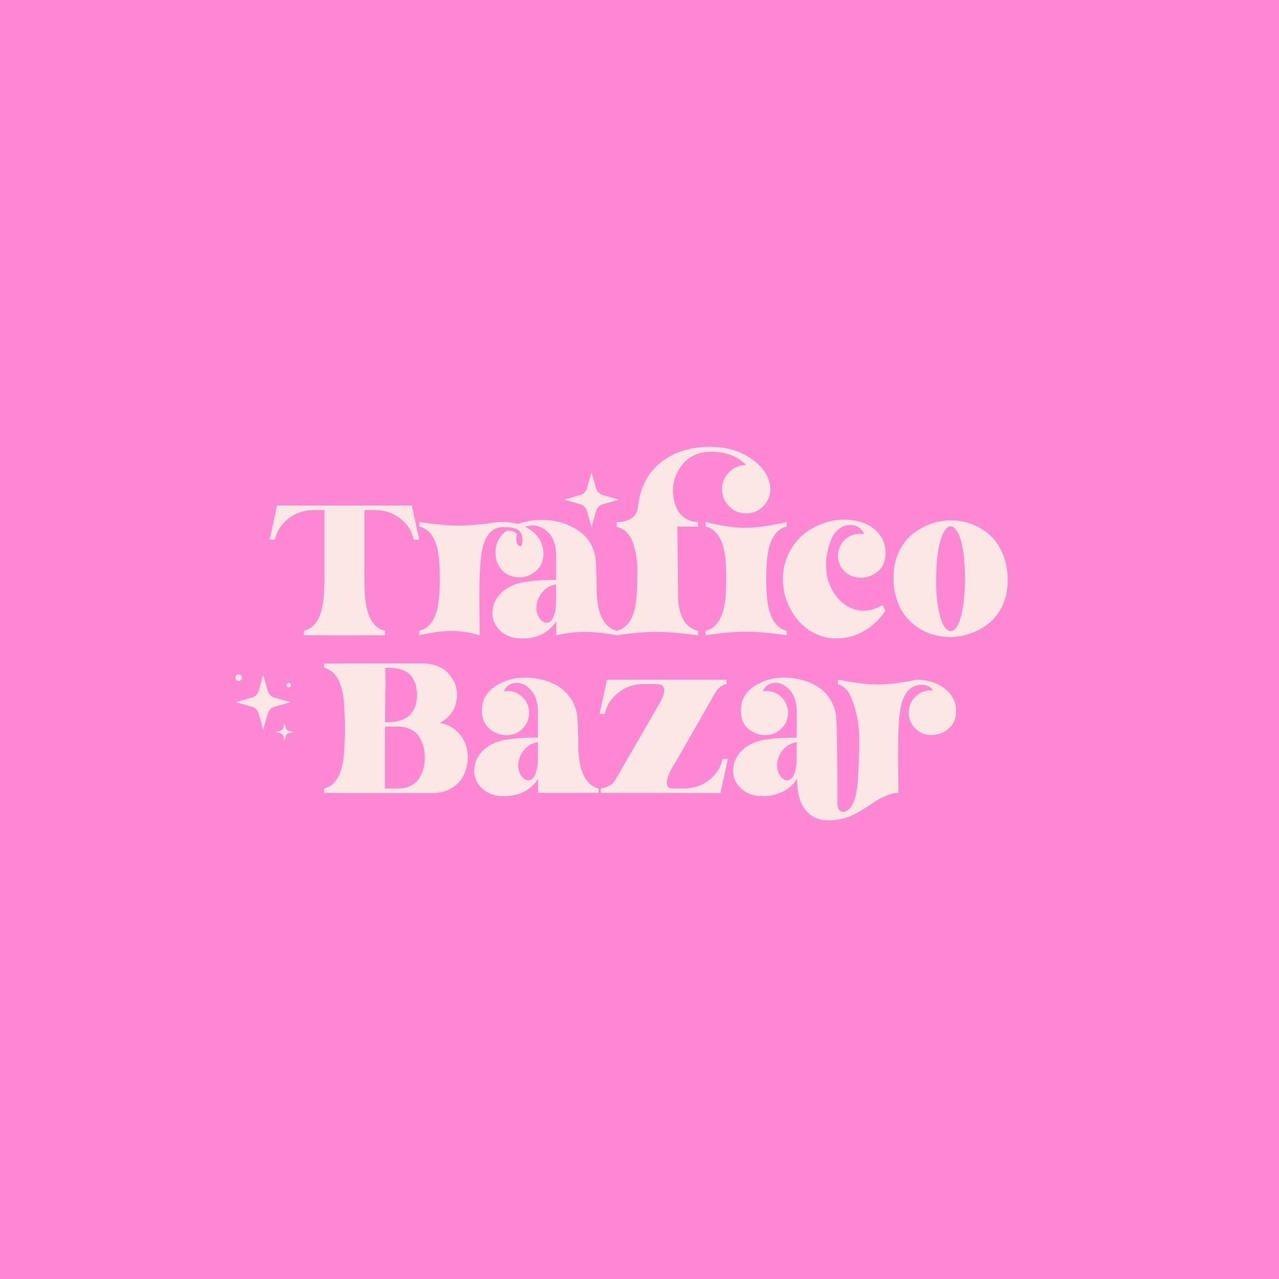 Tráfico bazar logo